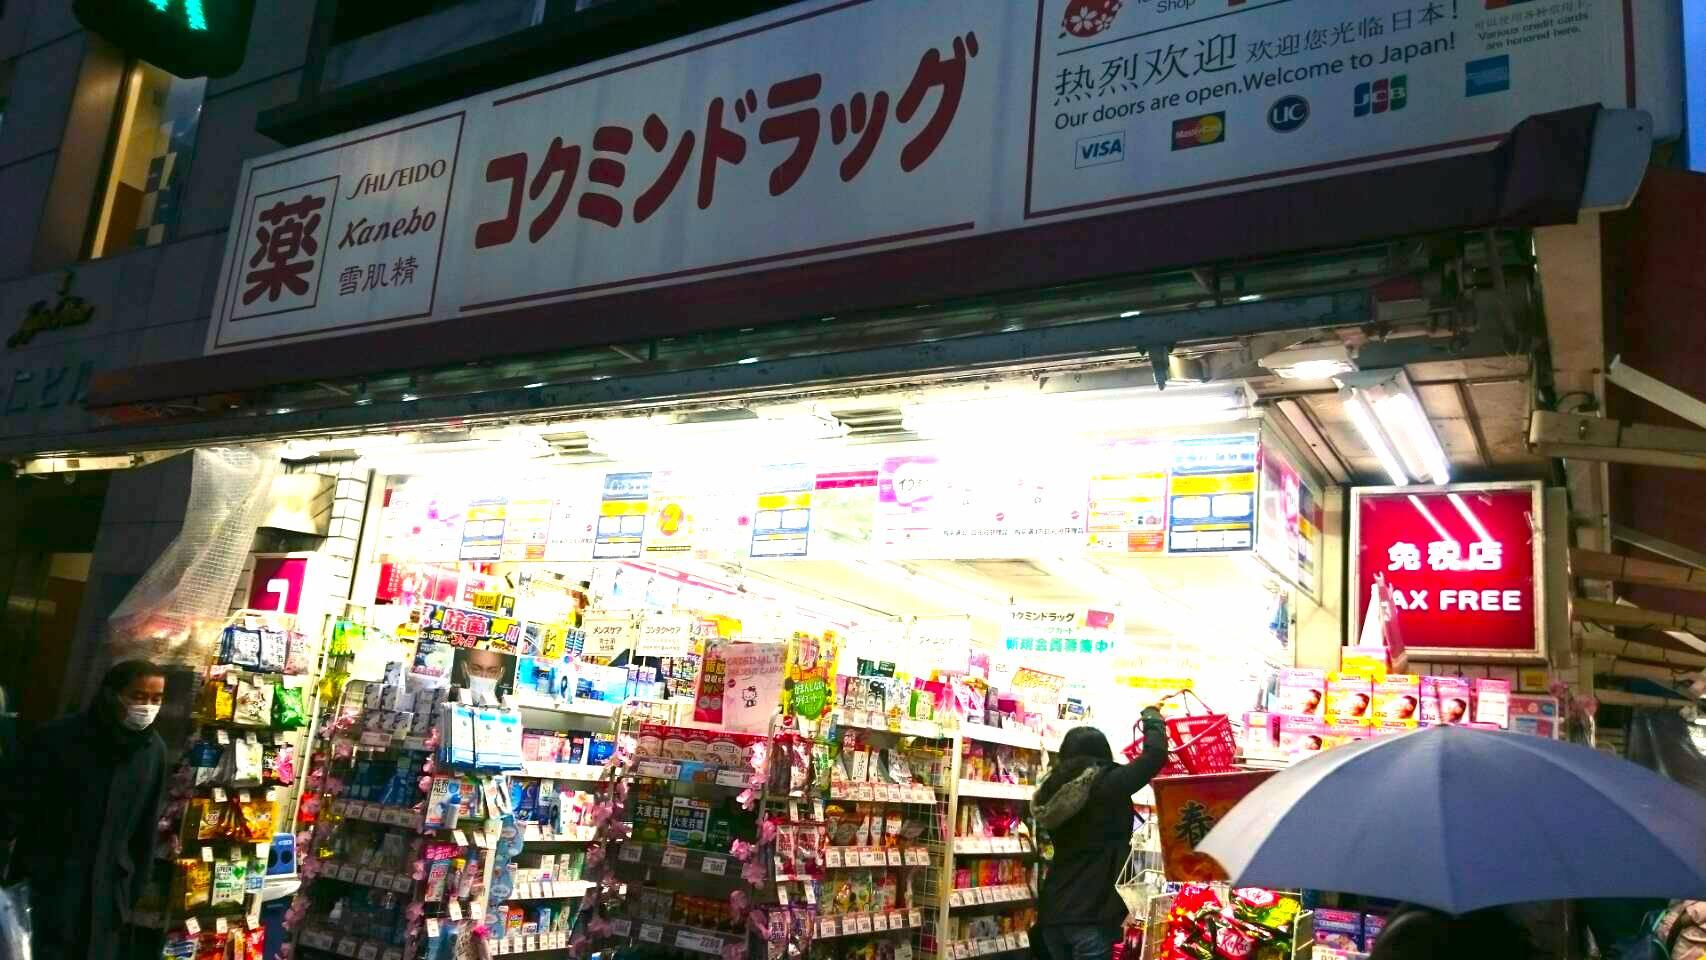 コクミンドラッグ 上野御徒町店